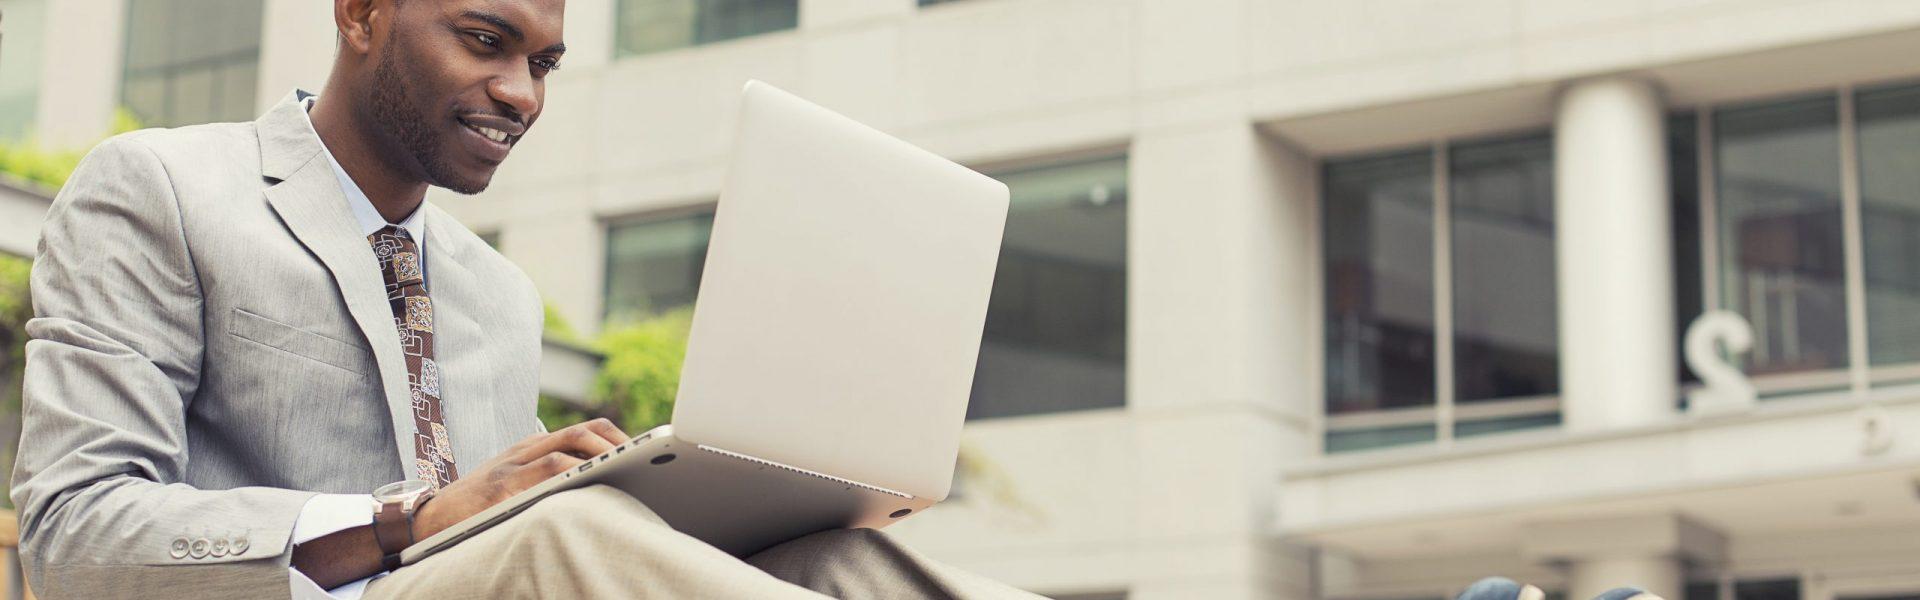 UConn Online Programs, Degrees, Courses